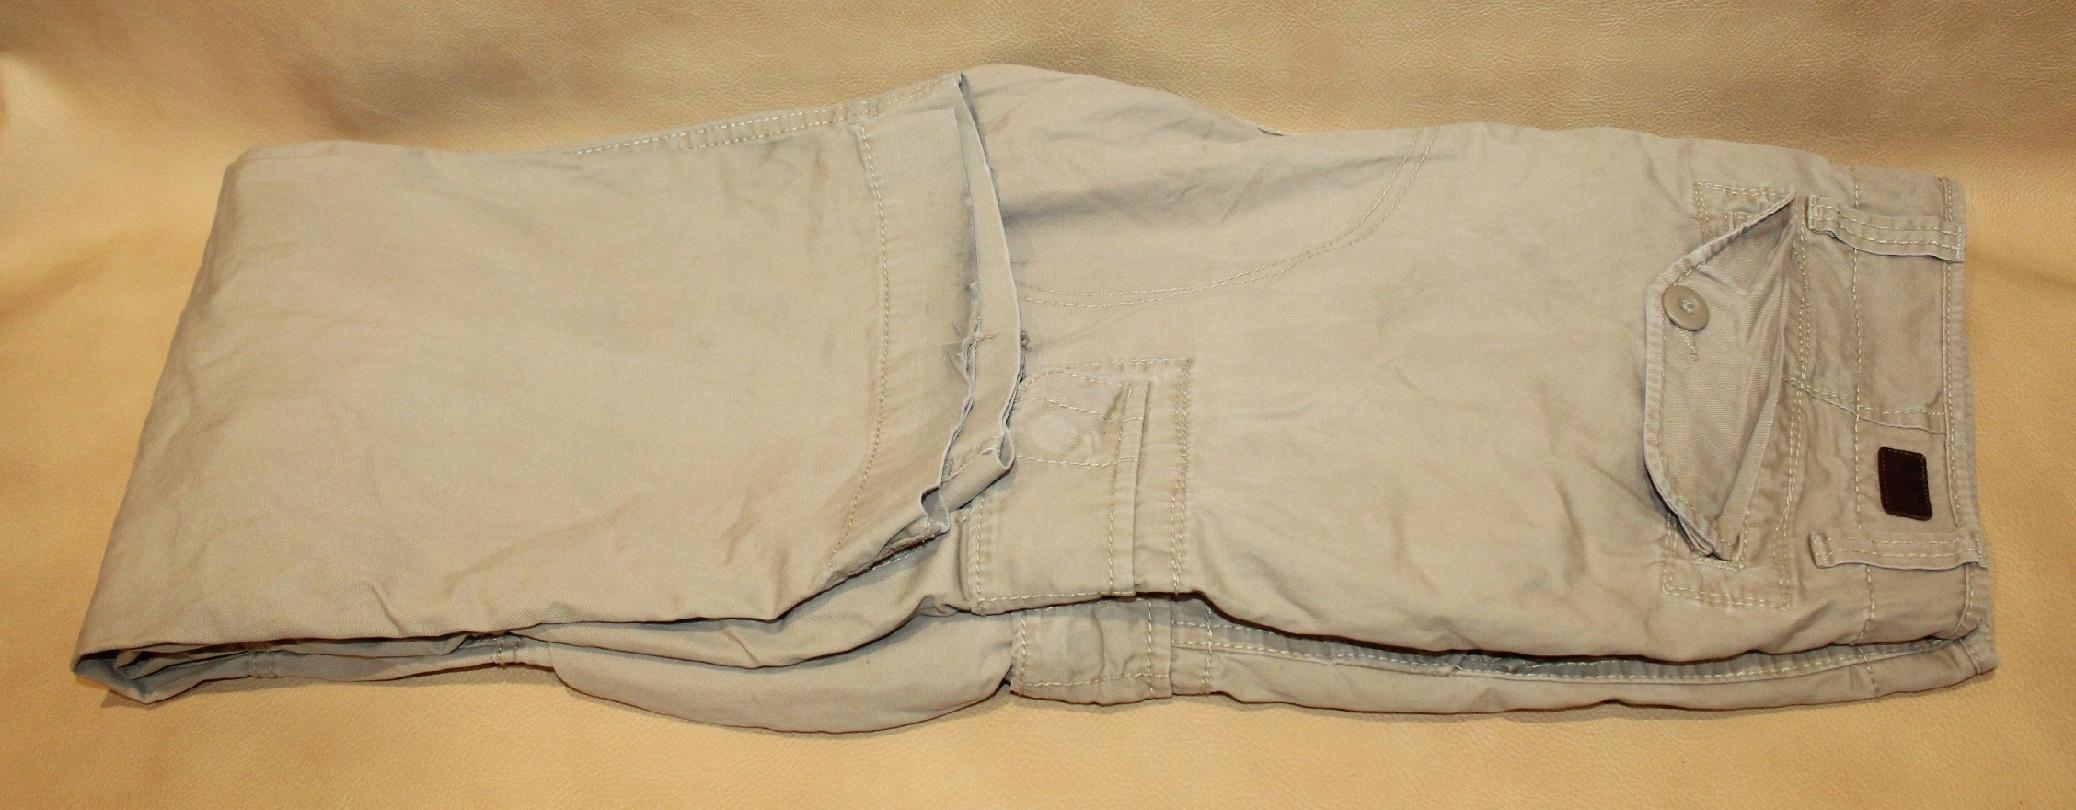 TOMMY HILFIGER spodnie bojówki rozm. W 36 L 30